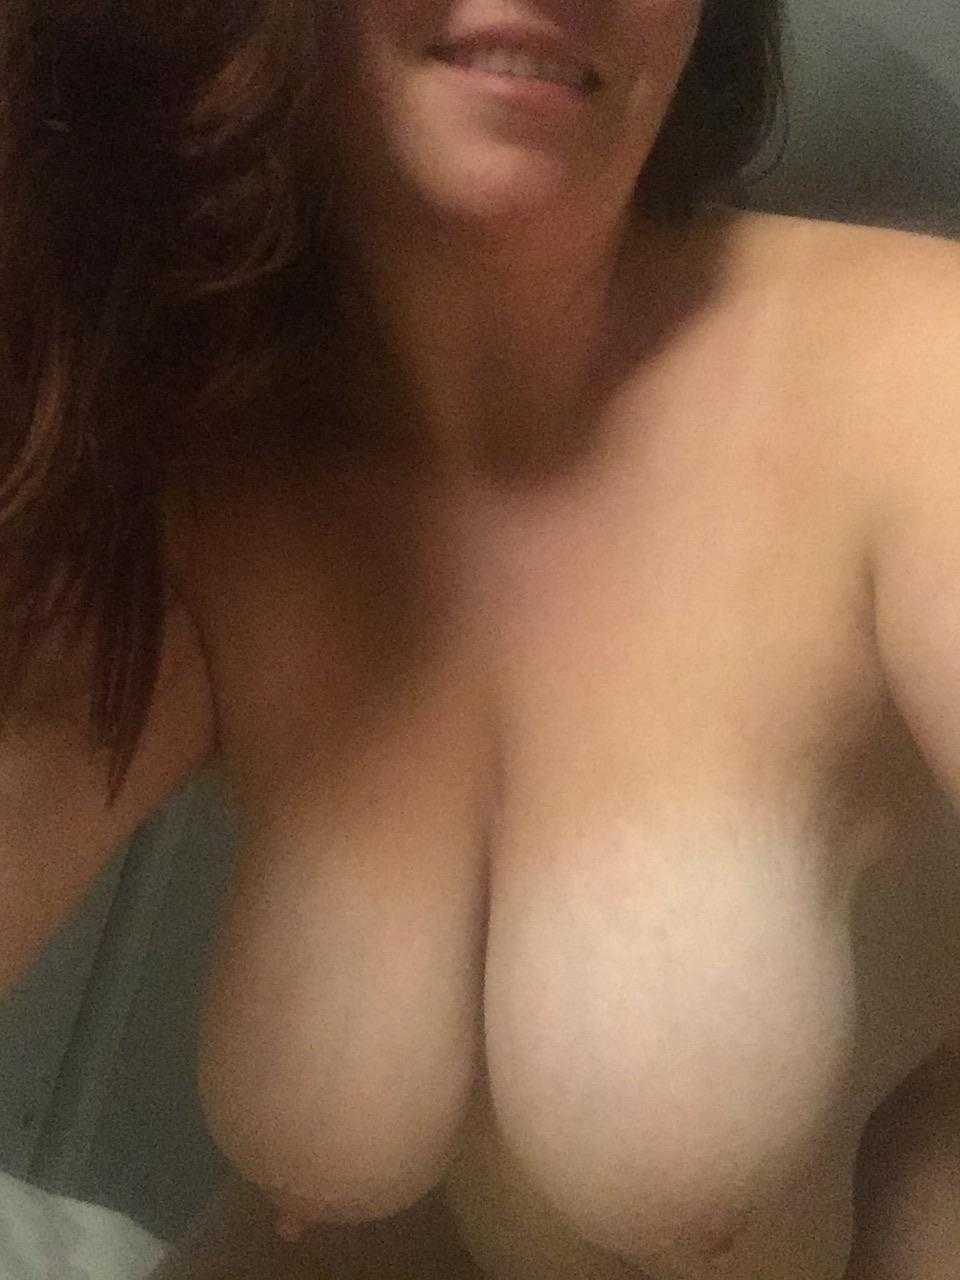 Titt Hanging